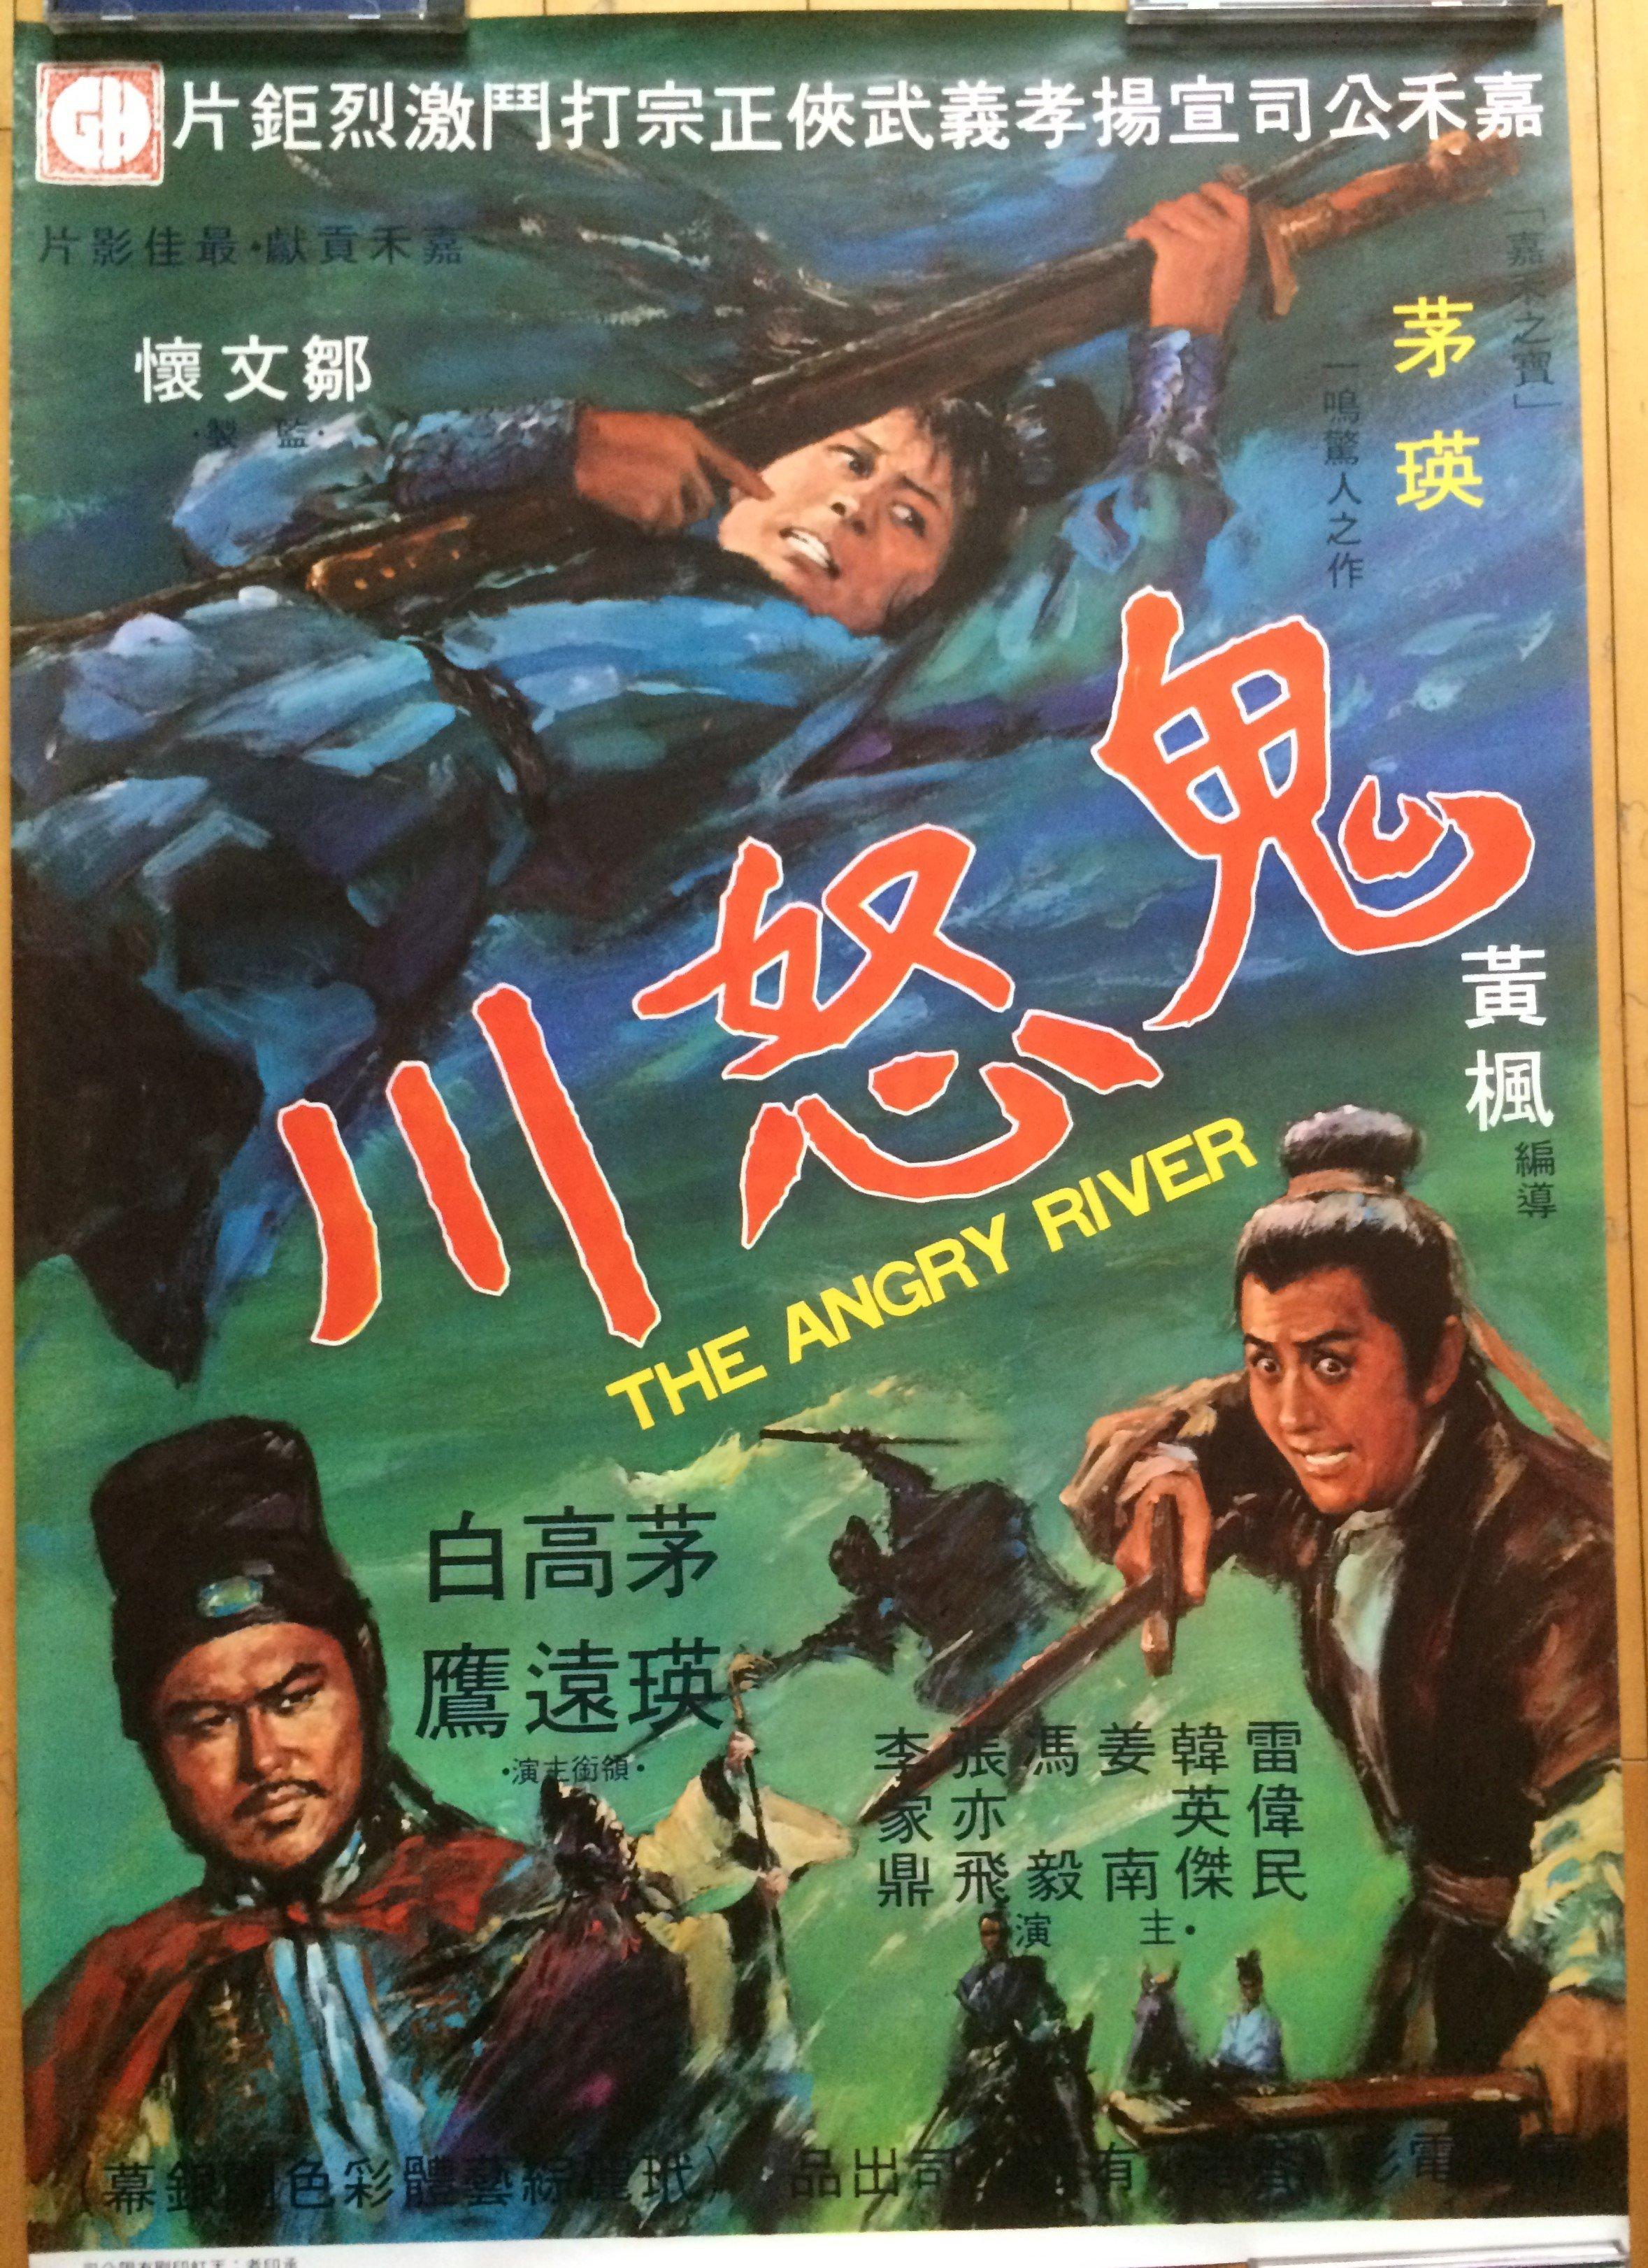 鬼怒川(The Angry River) - 茅瑛(女版李小龍)、白鷹 - 香港 手繪功夫武俠電影海報 (1971年)